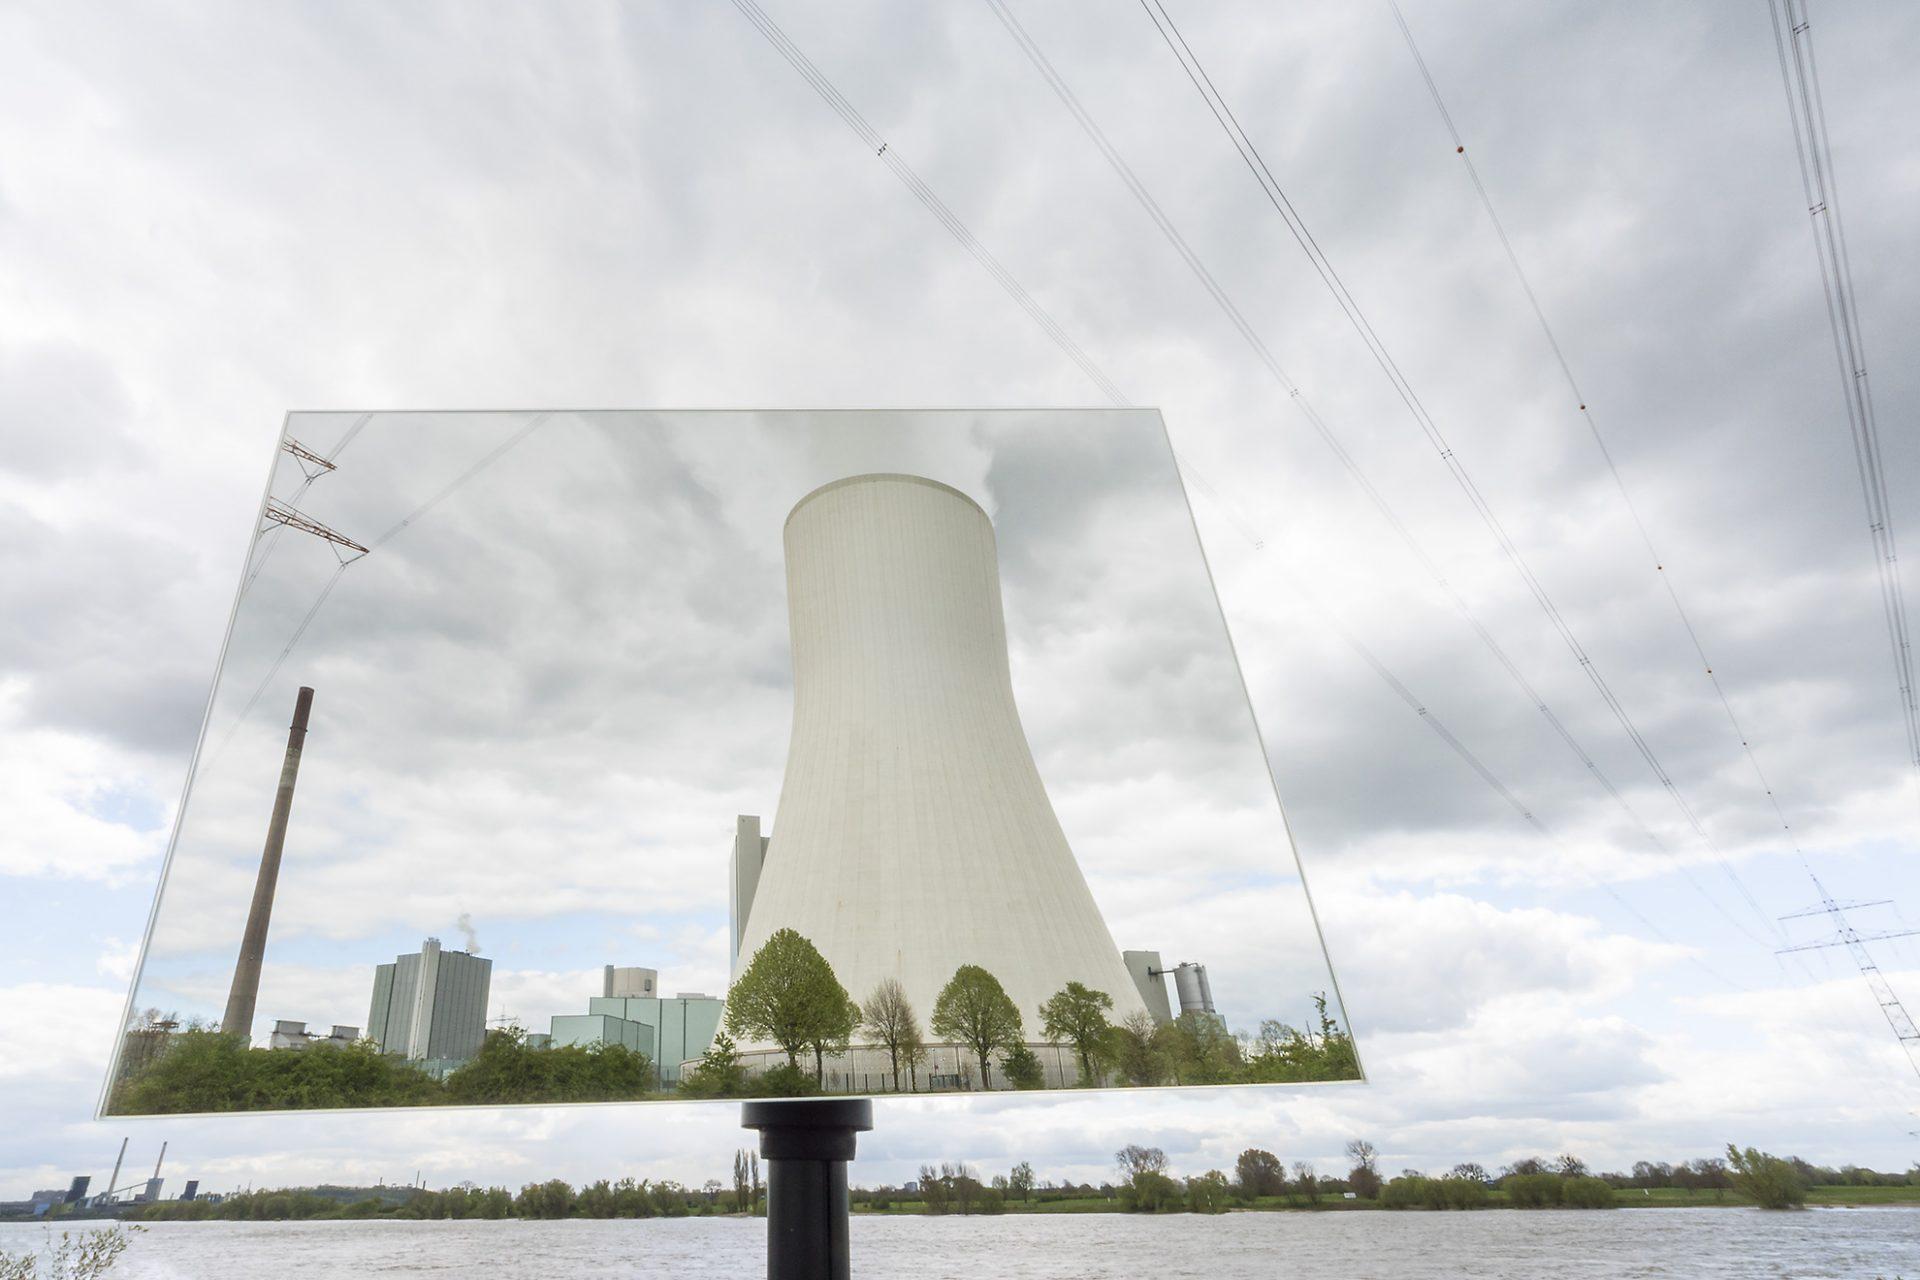 Kraftwerk Walsum/Rhein I • Lambda-Print auf FUJIFILM Crystal Archive DPII, 75 x 50 cm, rahmenloser Bilderhalter • Auflage: 5 + 2 Artist's Proof